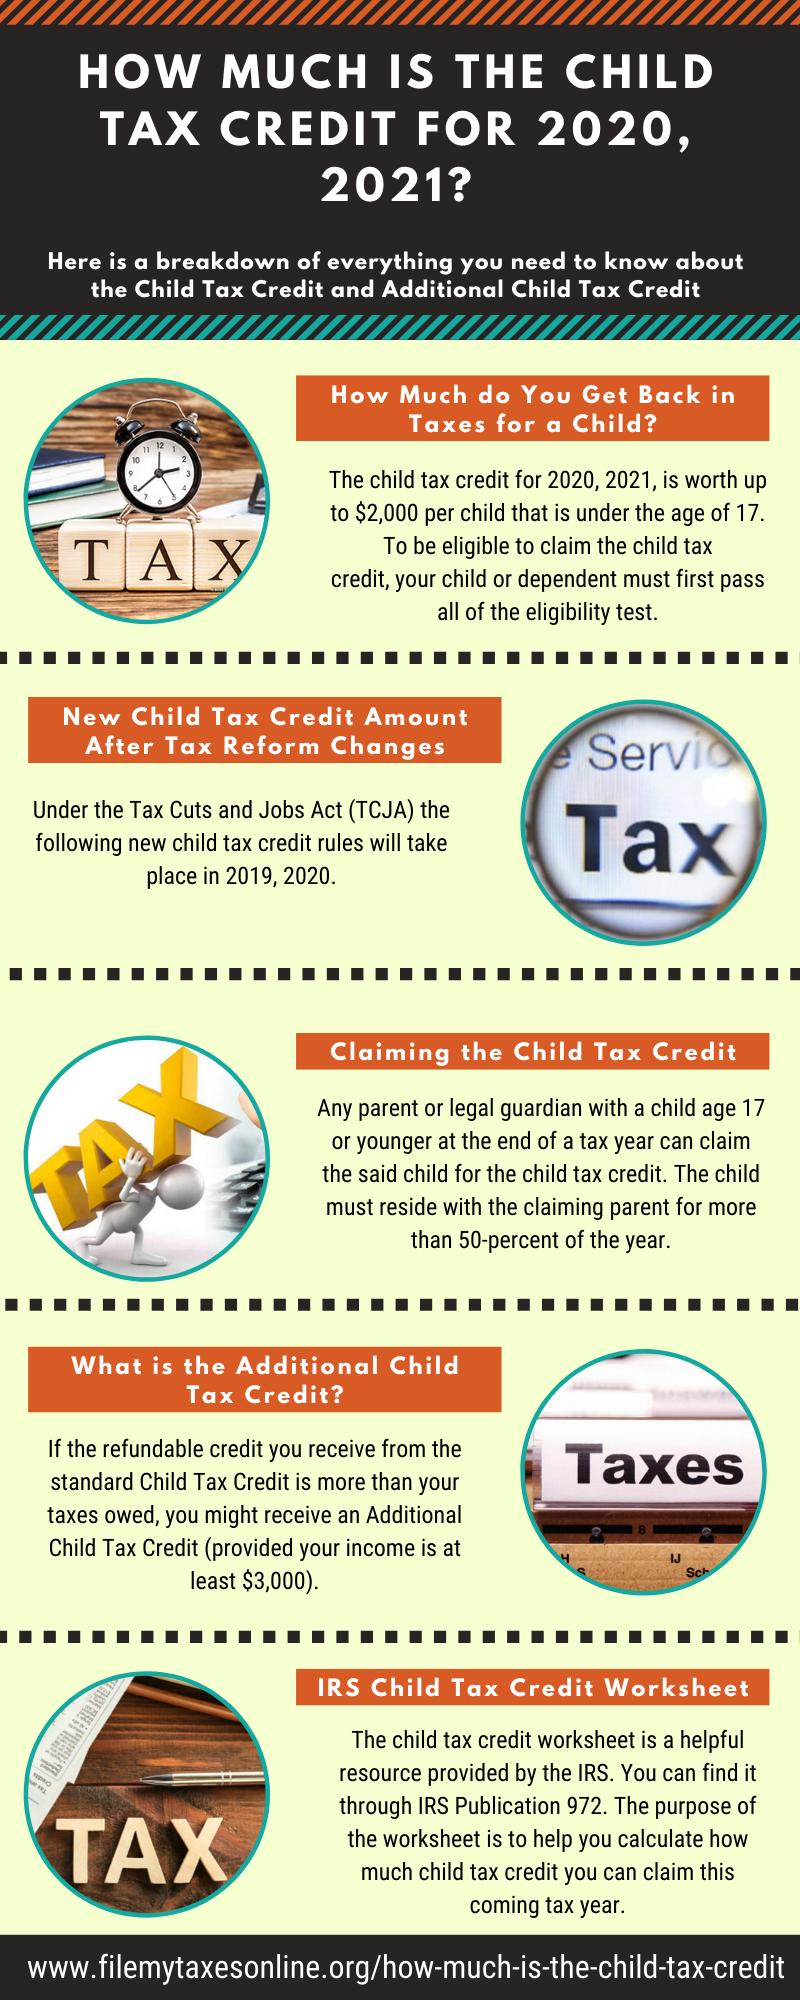 d993bee465556c49438c1c7824428b5a - How Long Does It Take To Get Child Tax